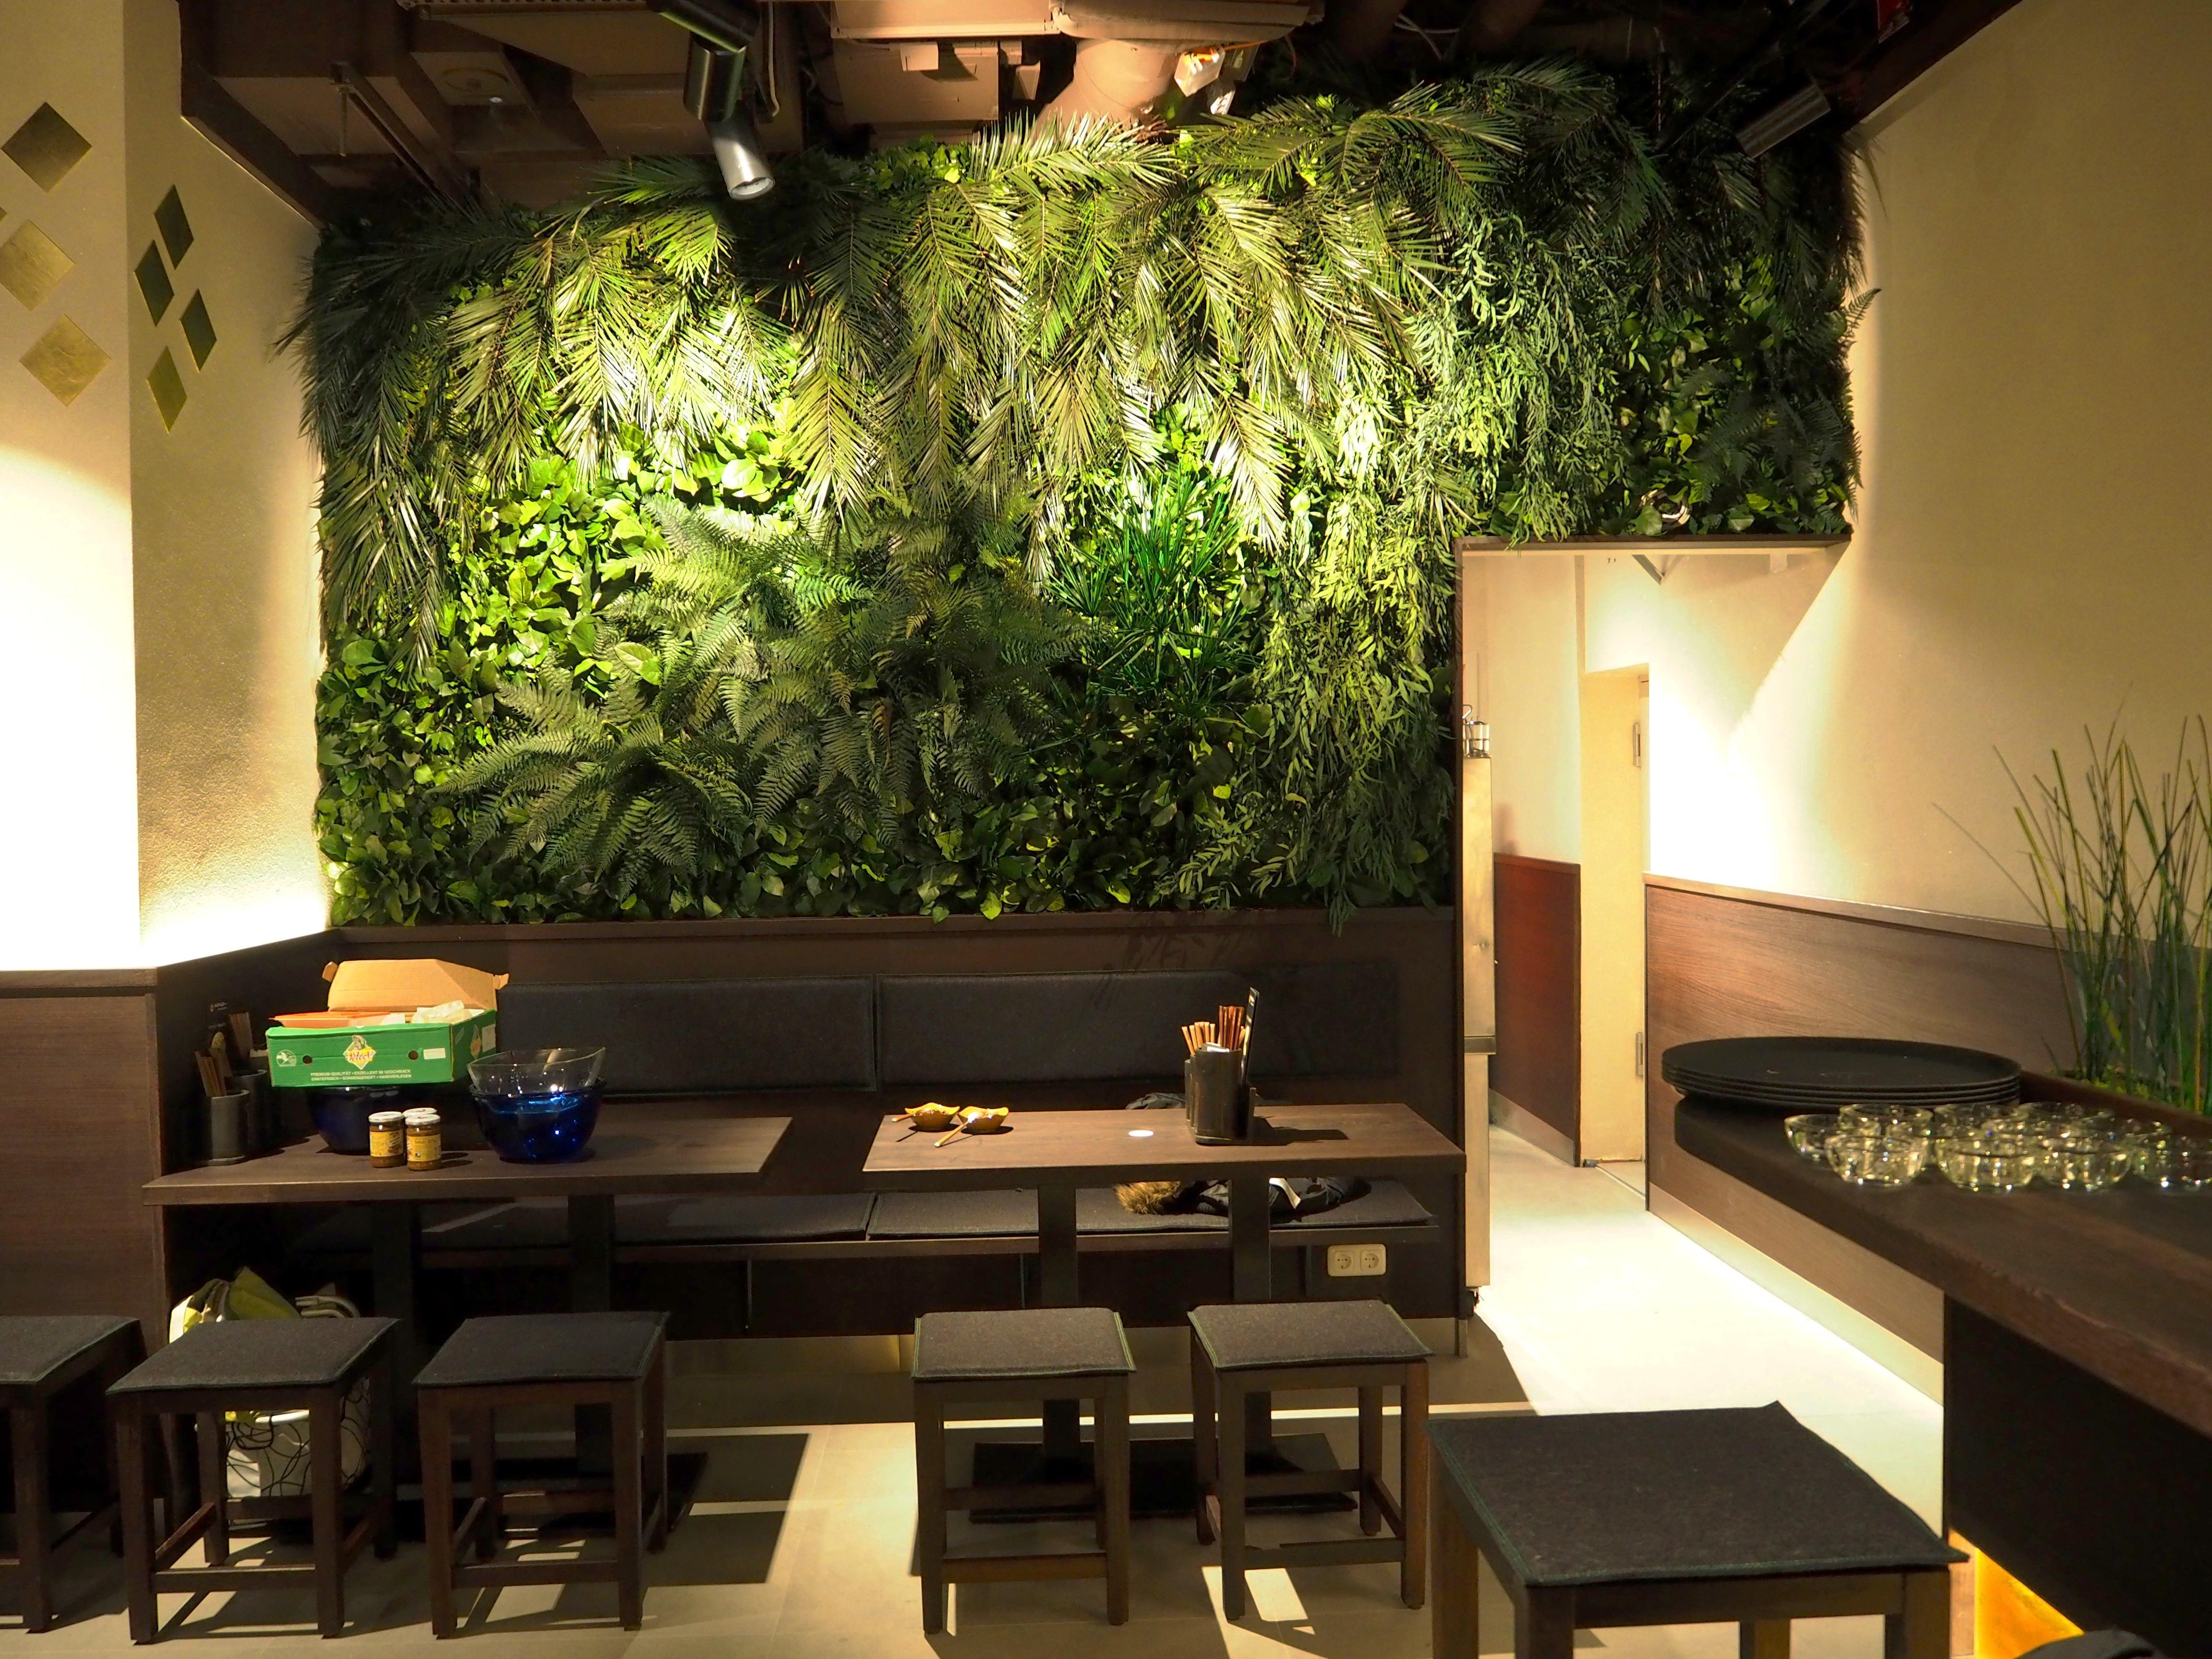 Bilder von Grünen Wänden - Wawatec System